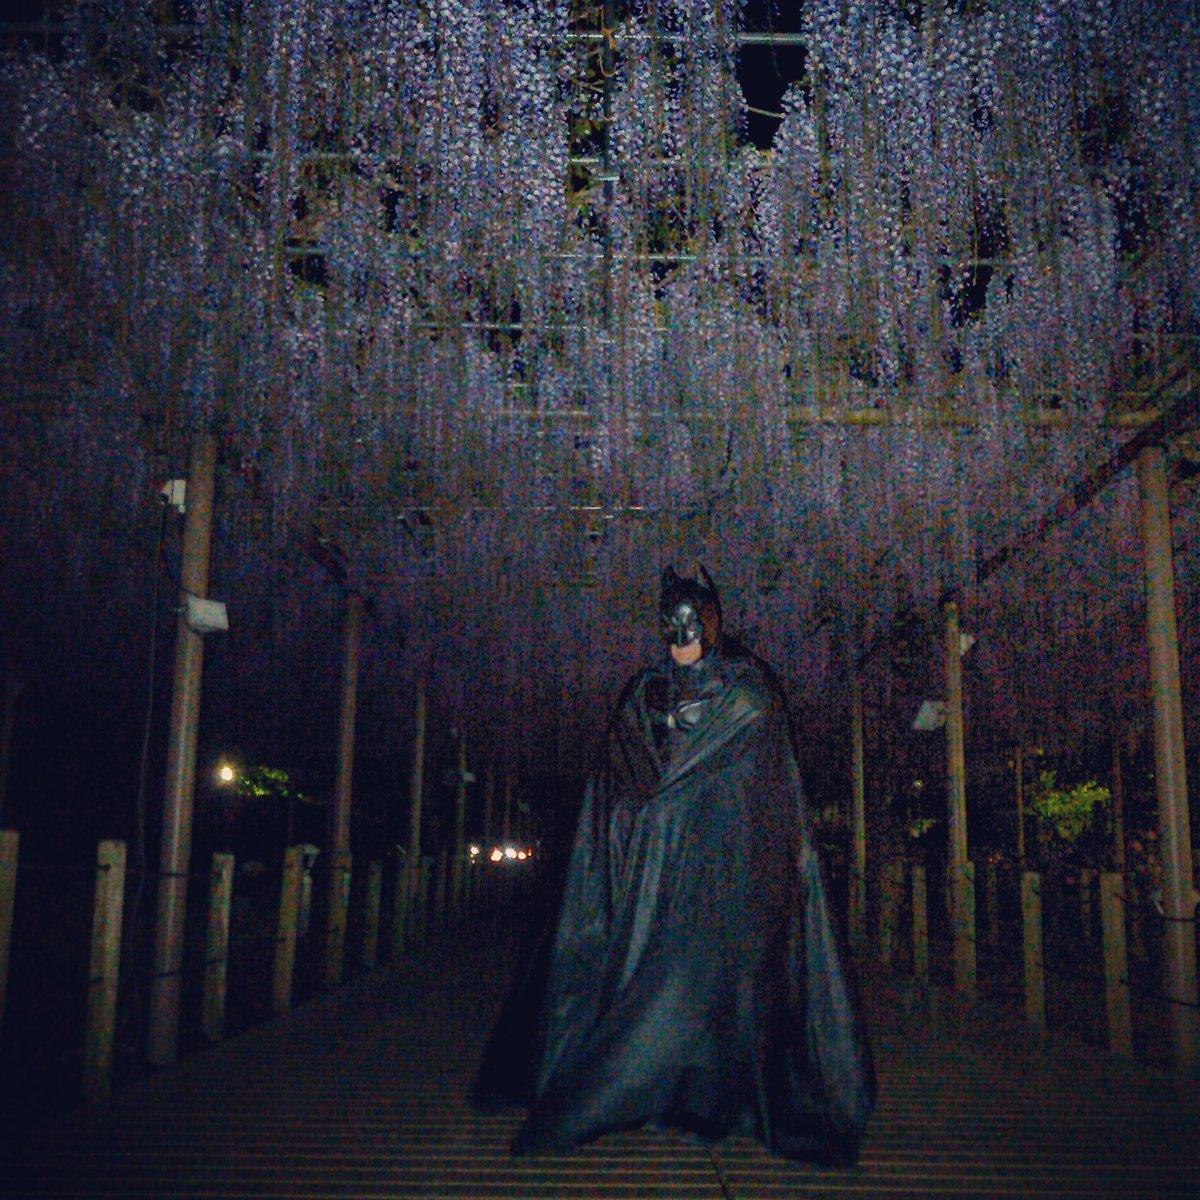 バットマンが江南市の曼陀羅寺の藤棚に現れた‼誰が写真撮ってるの?写真お借りします。#バットマン#ジャスティスリーグ#アベ